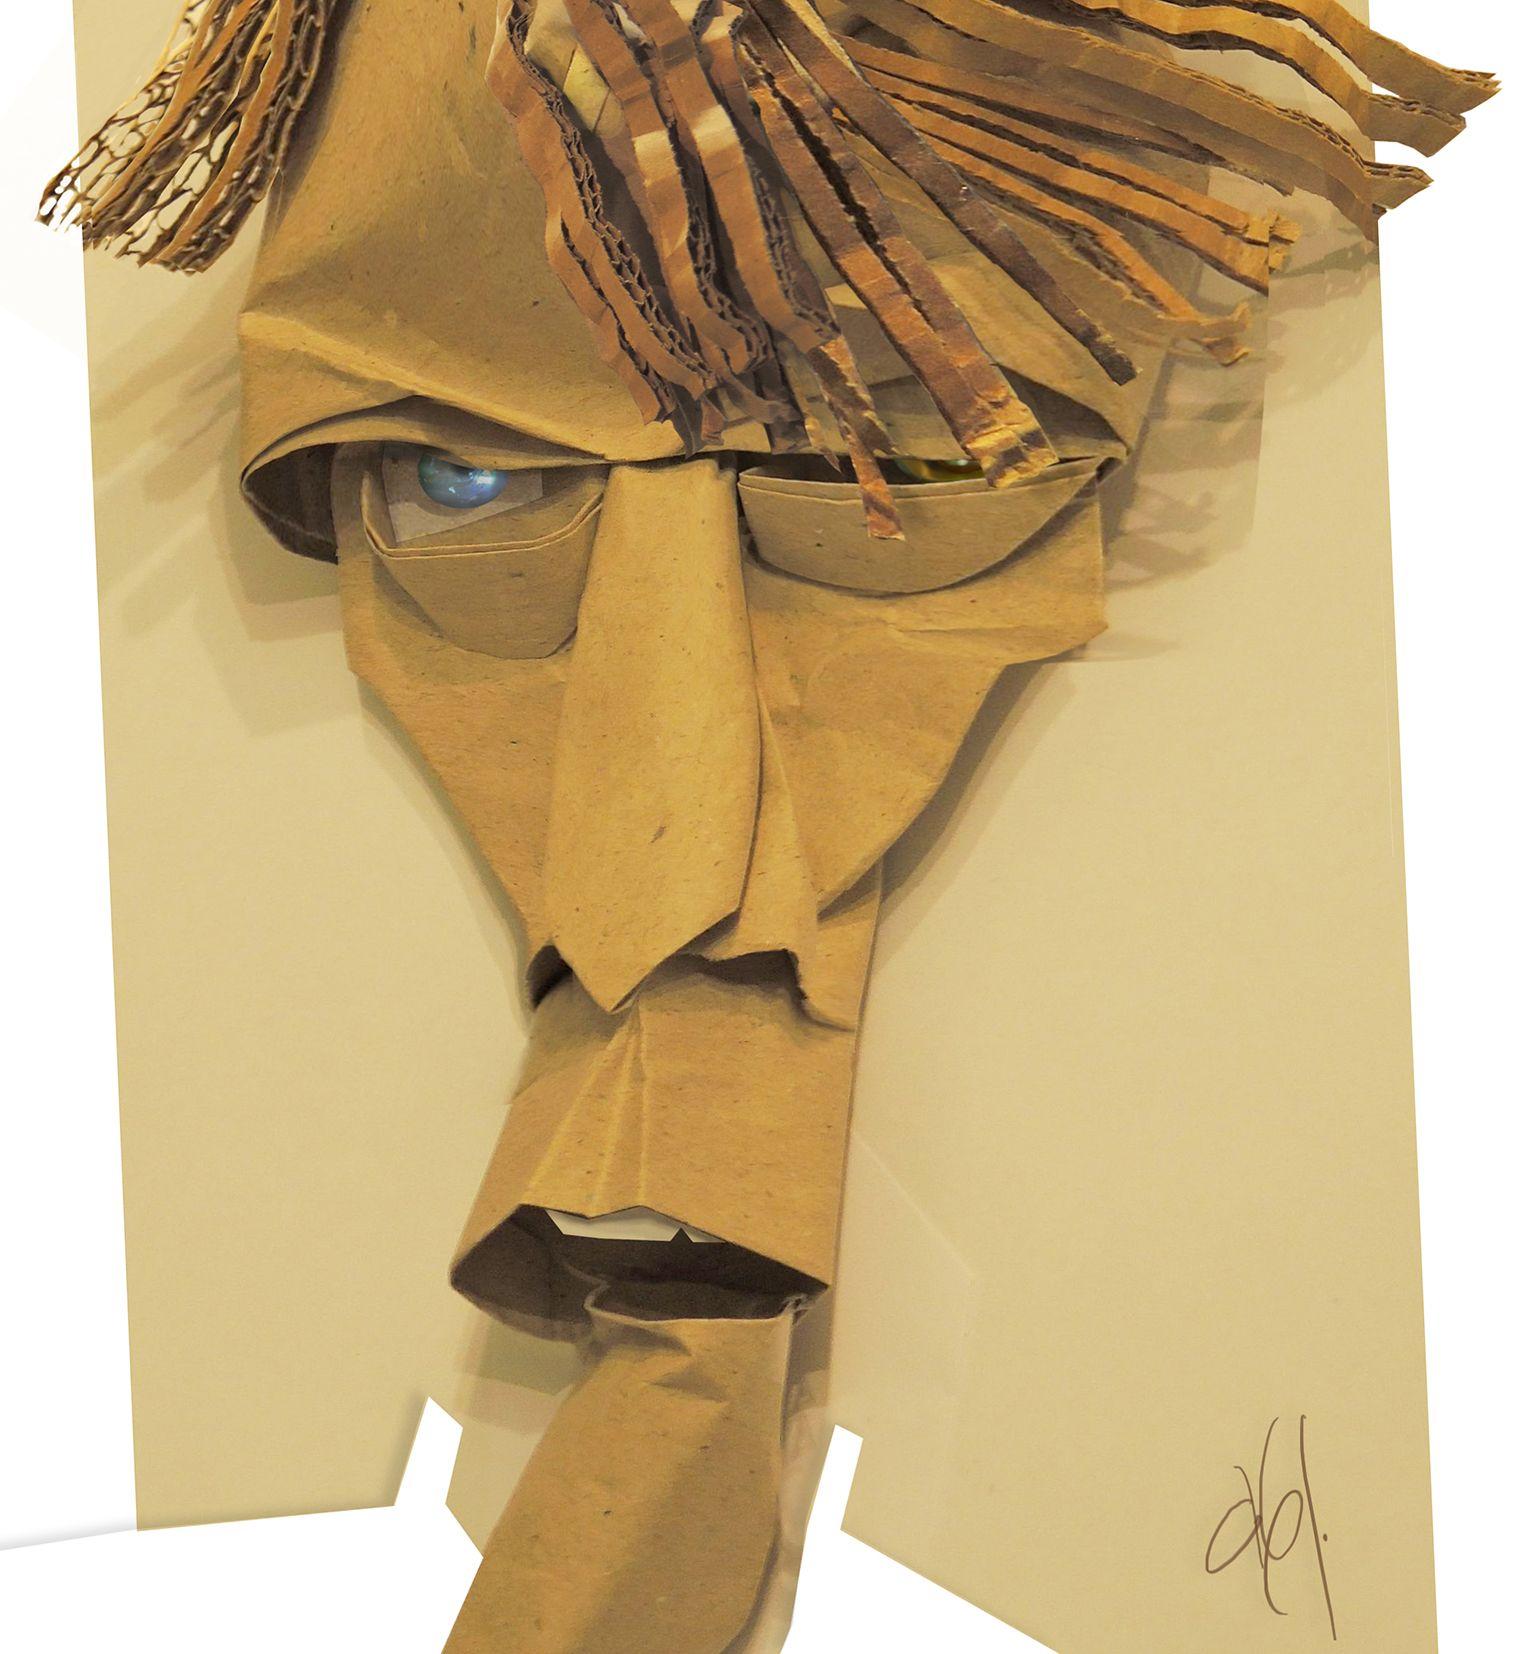 David BOWIE | Art, Caricatures